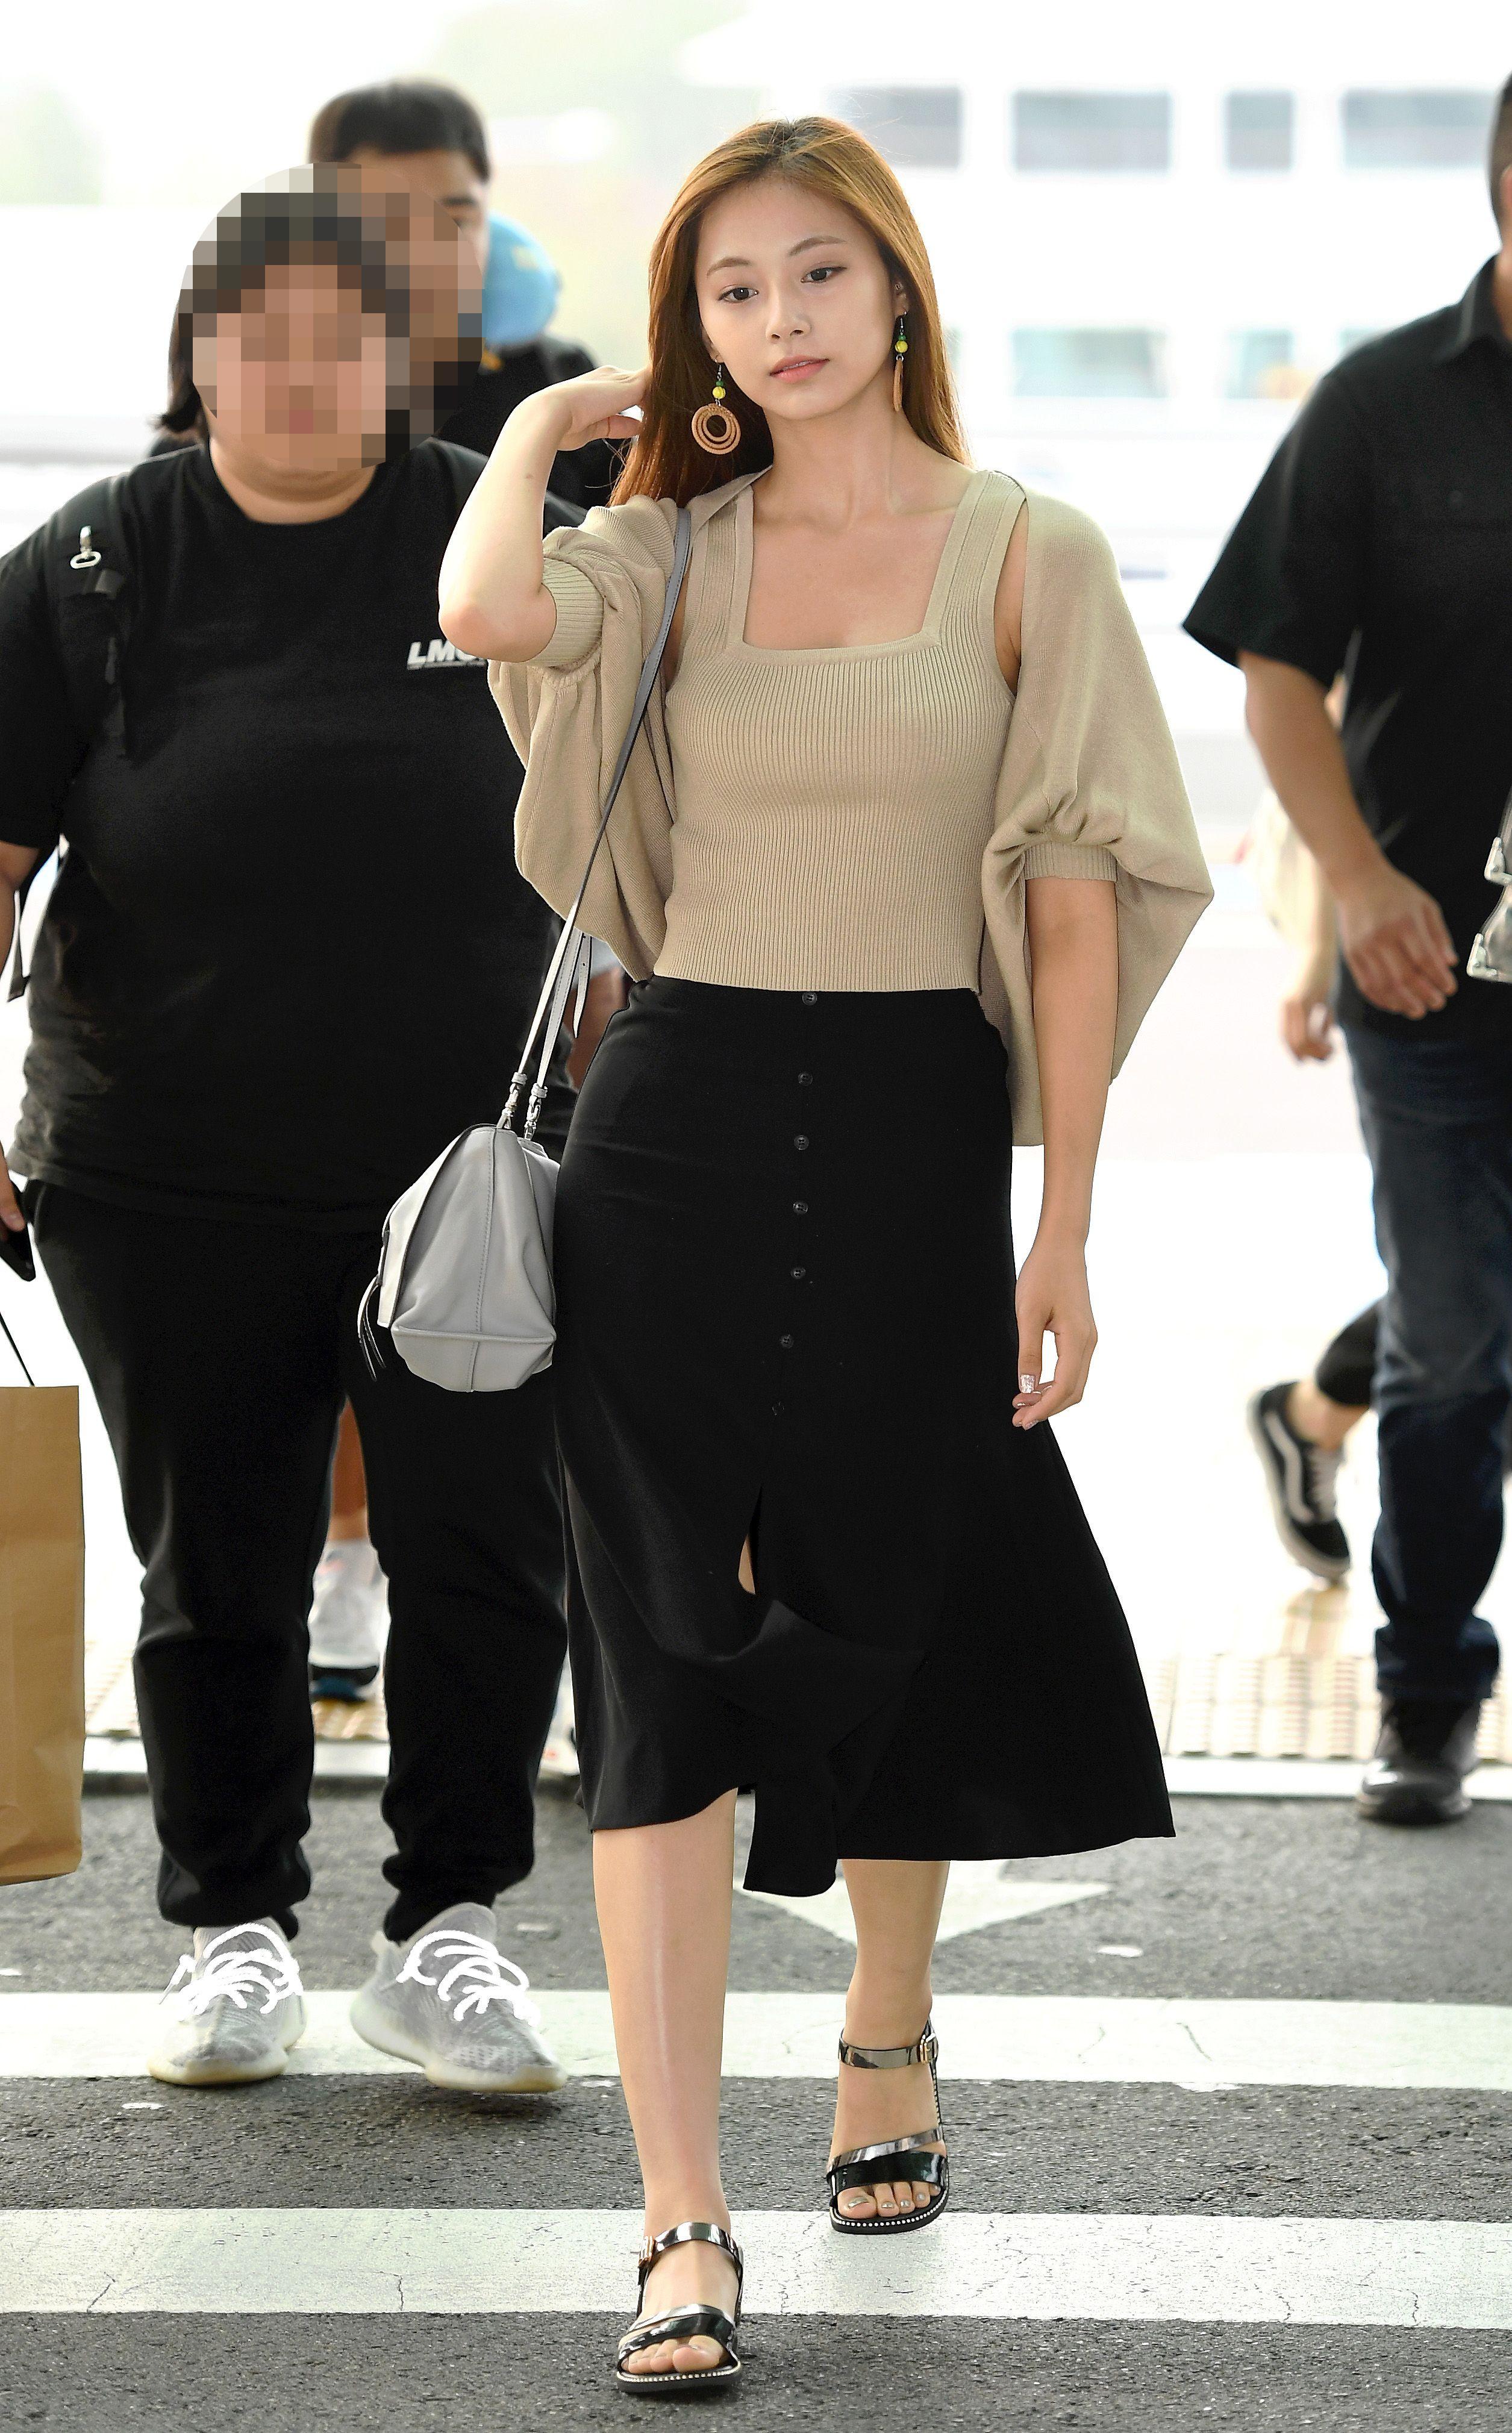 Twice Tzuyu Jihyo Dahyun And Nayeon Feet R Kpopfeets Kpopfeets Kpop Korean Airport Fashion Airport Fashion Kpop Kpop Fashion